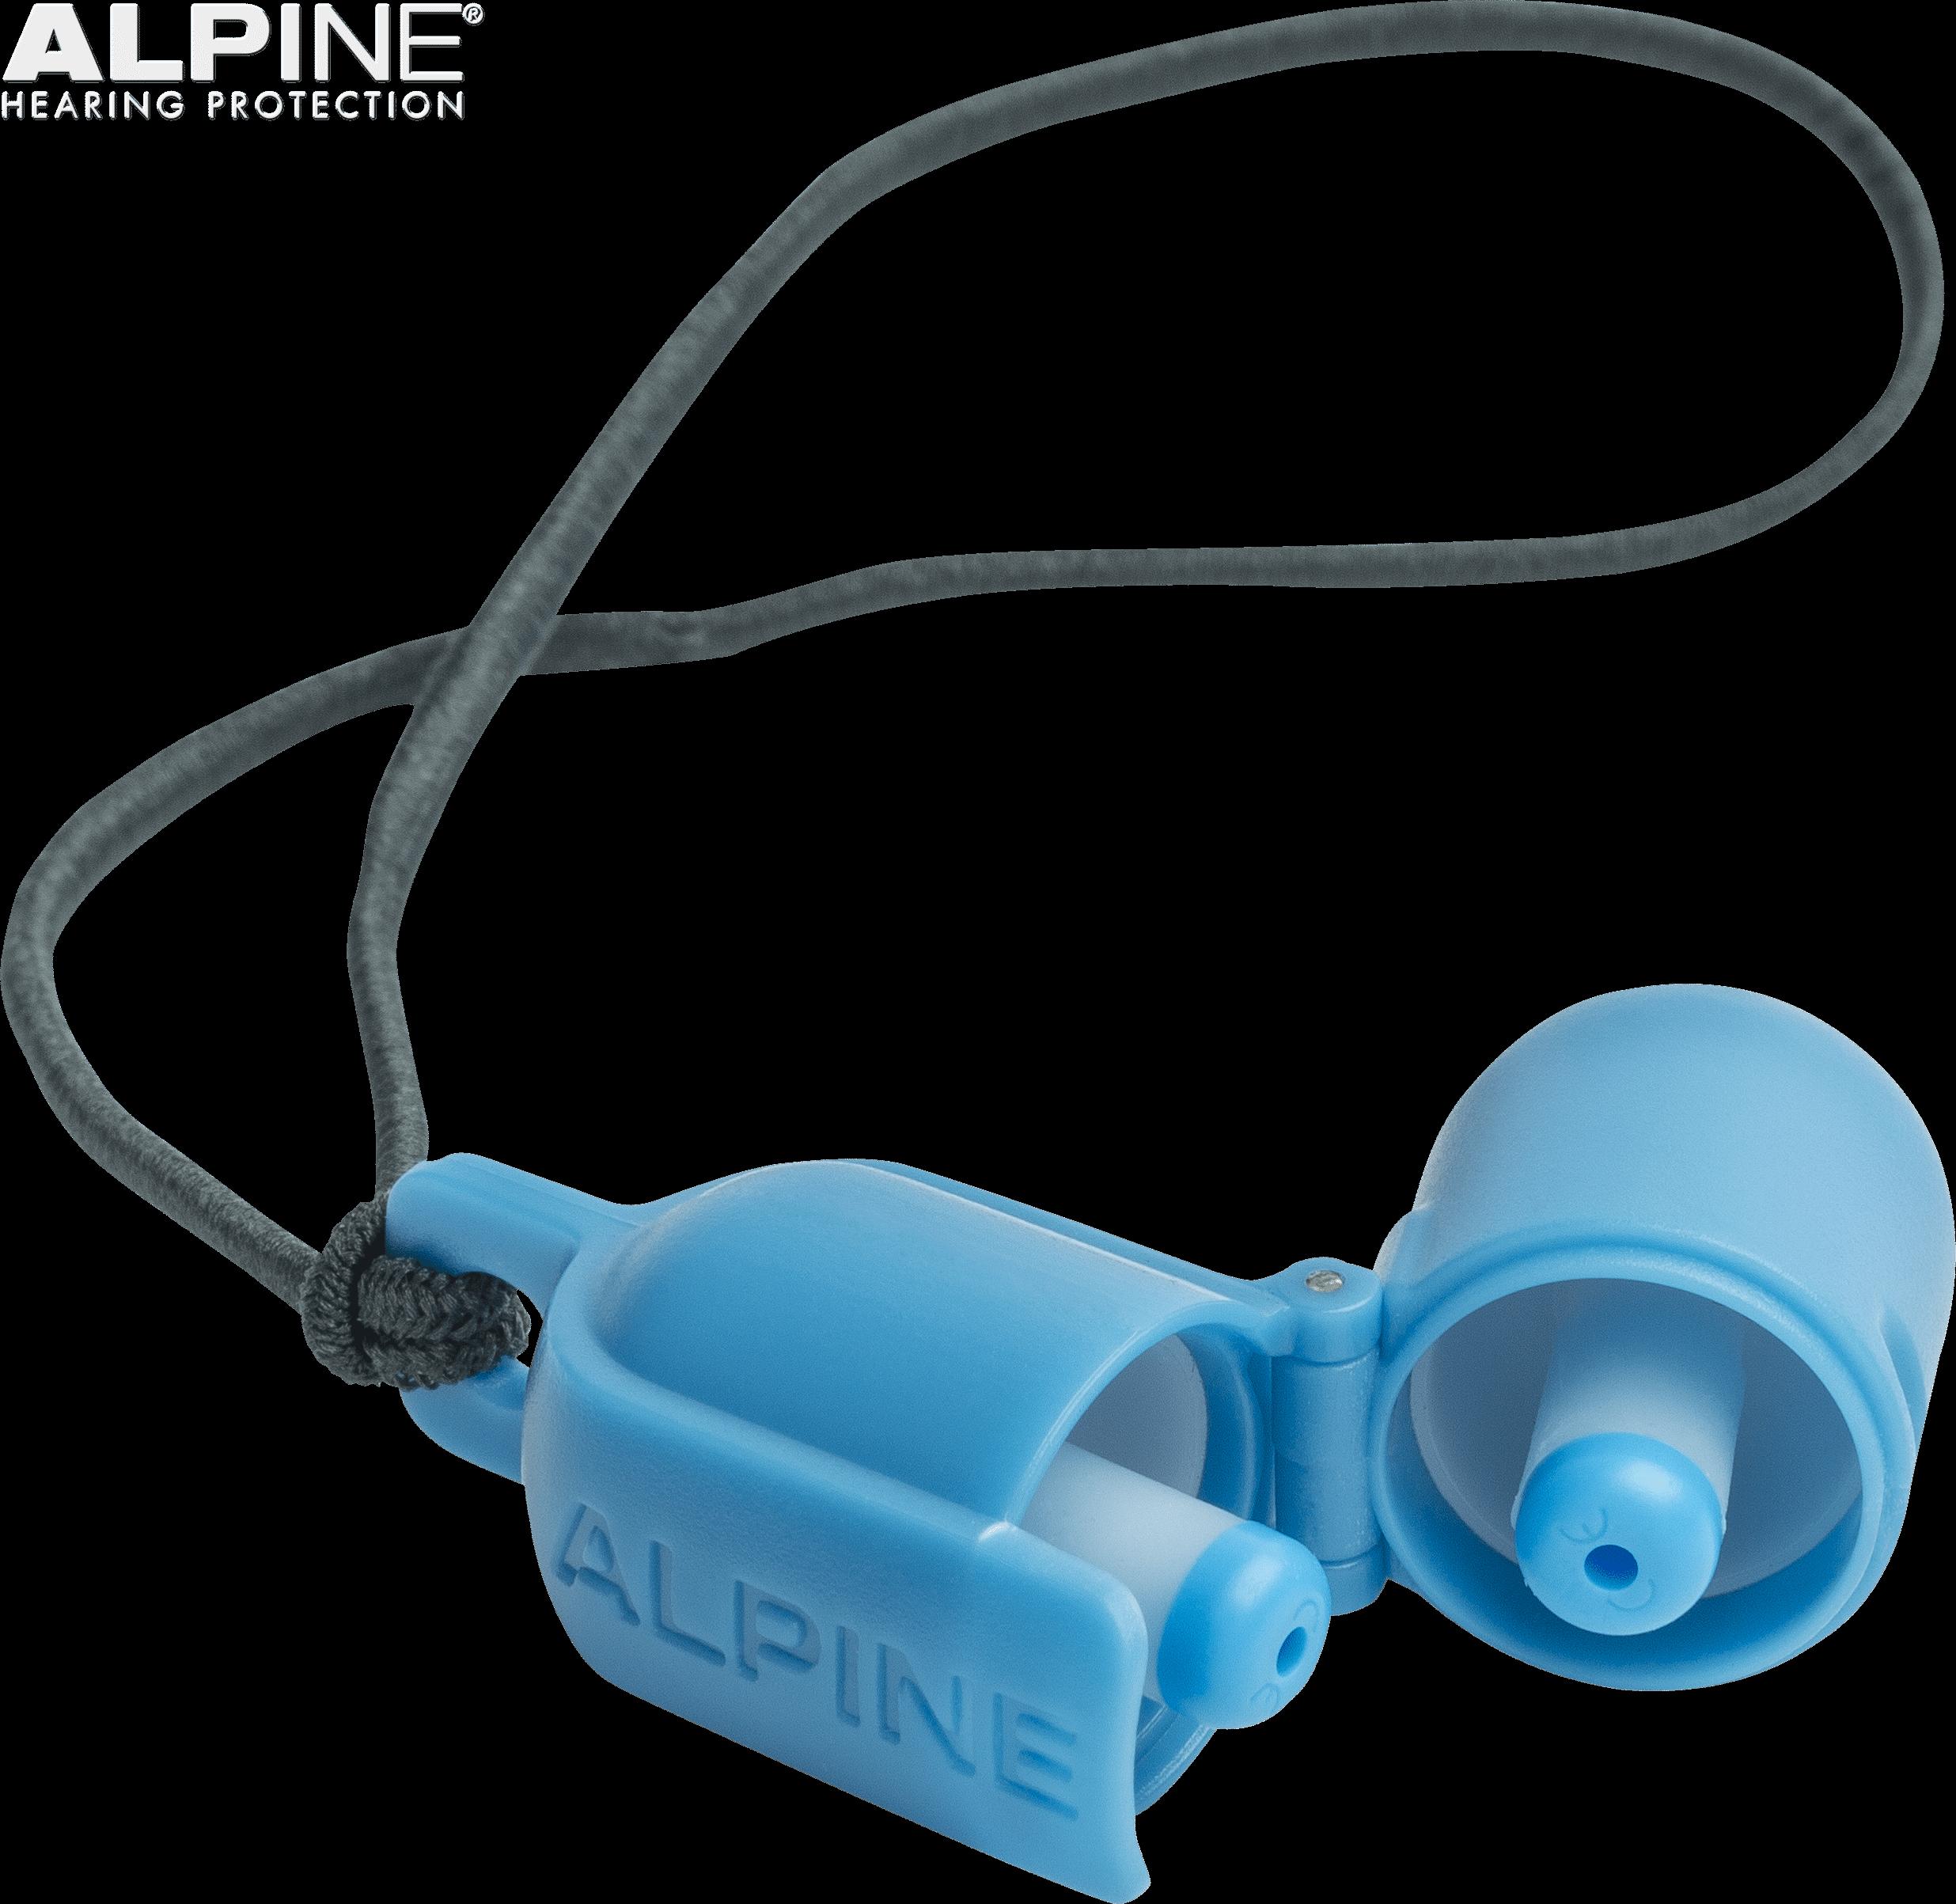 weerhandig-Alpine-SwimSafe-3